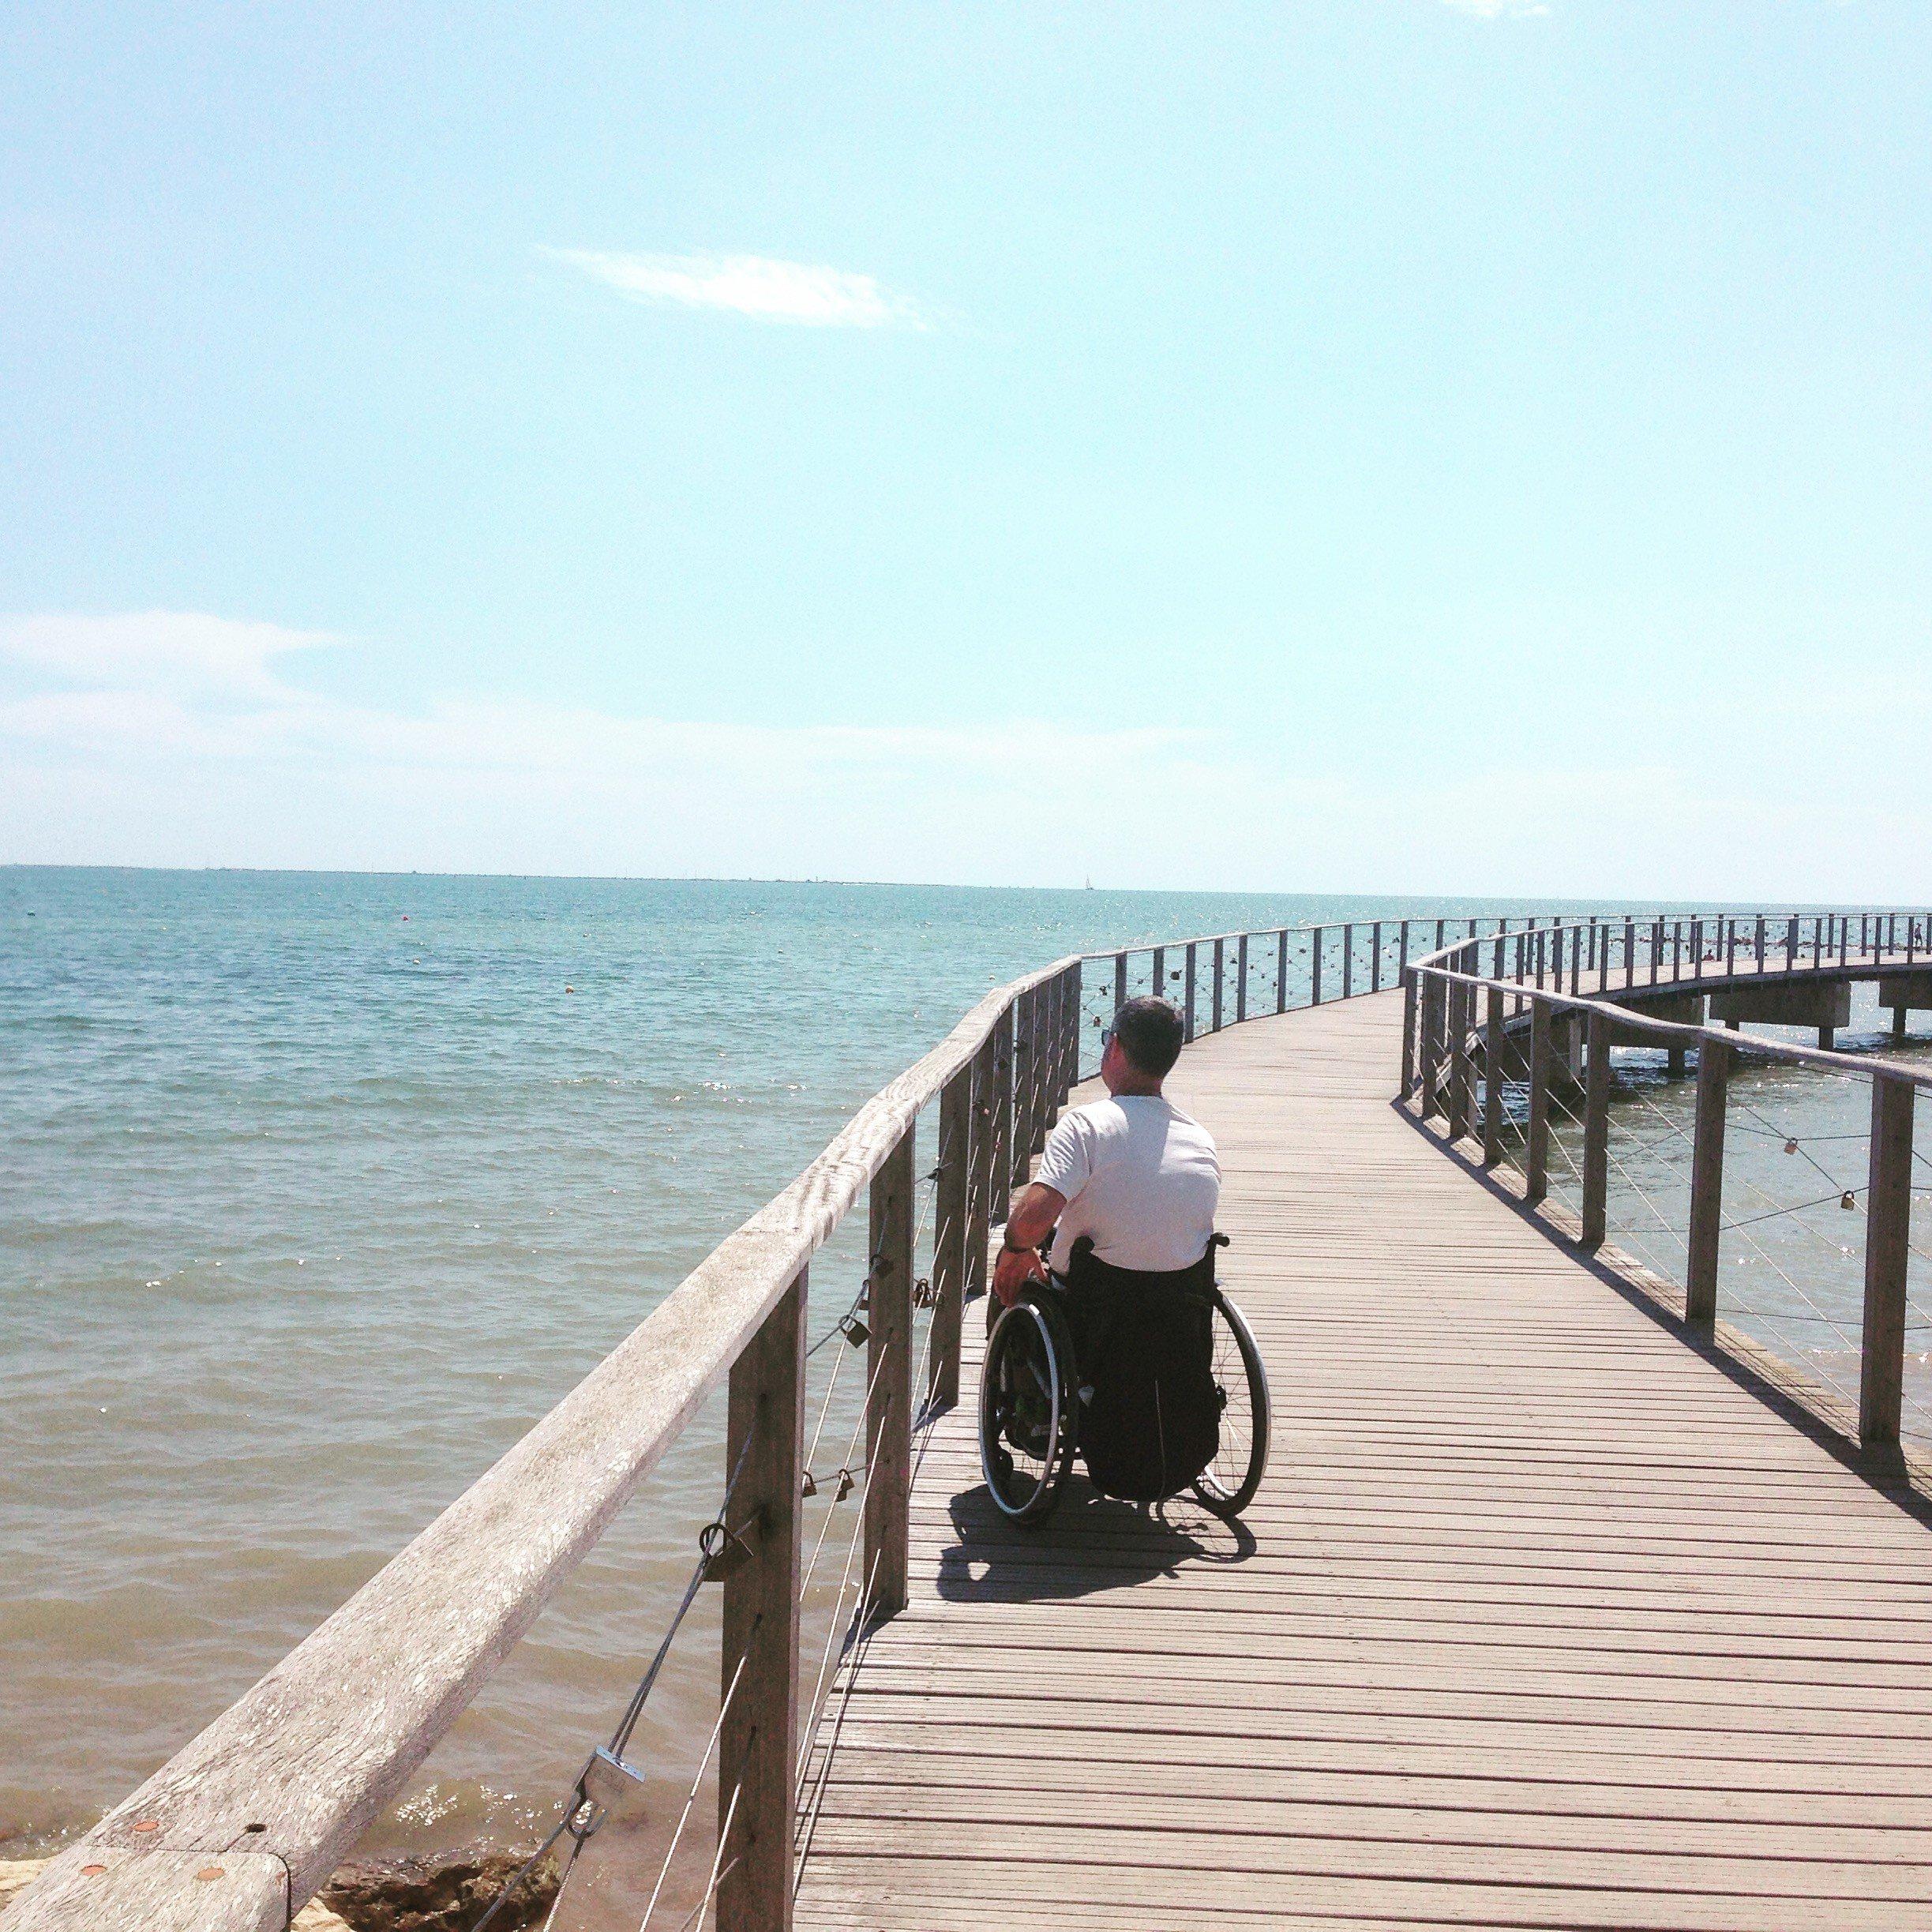 Persona usuaria de silla de ruedas en una pasarela de madera sobre el mar